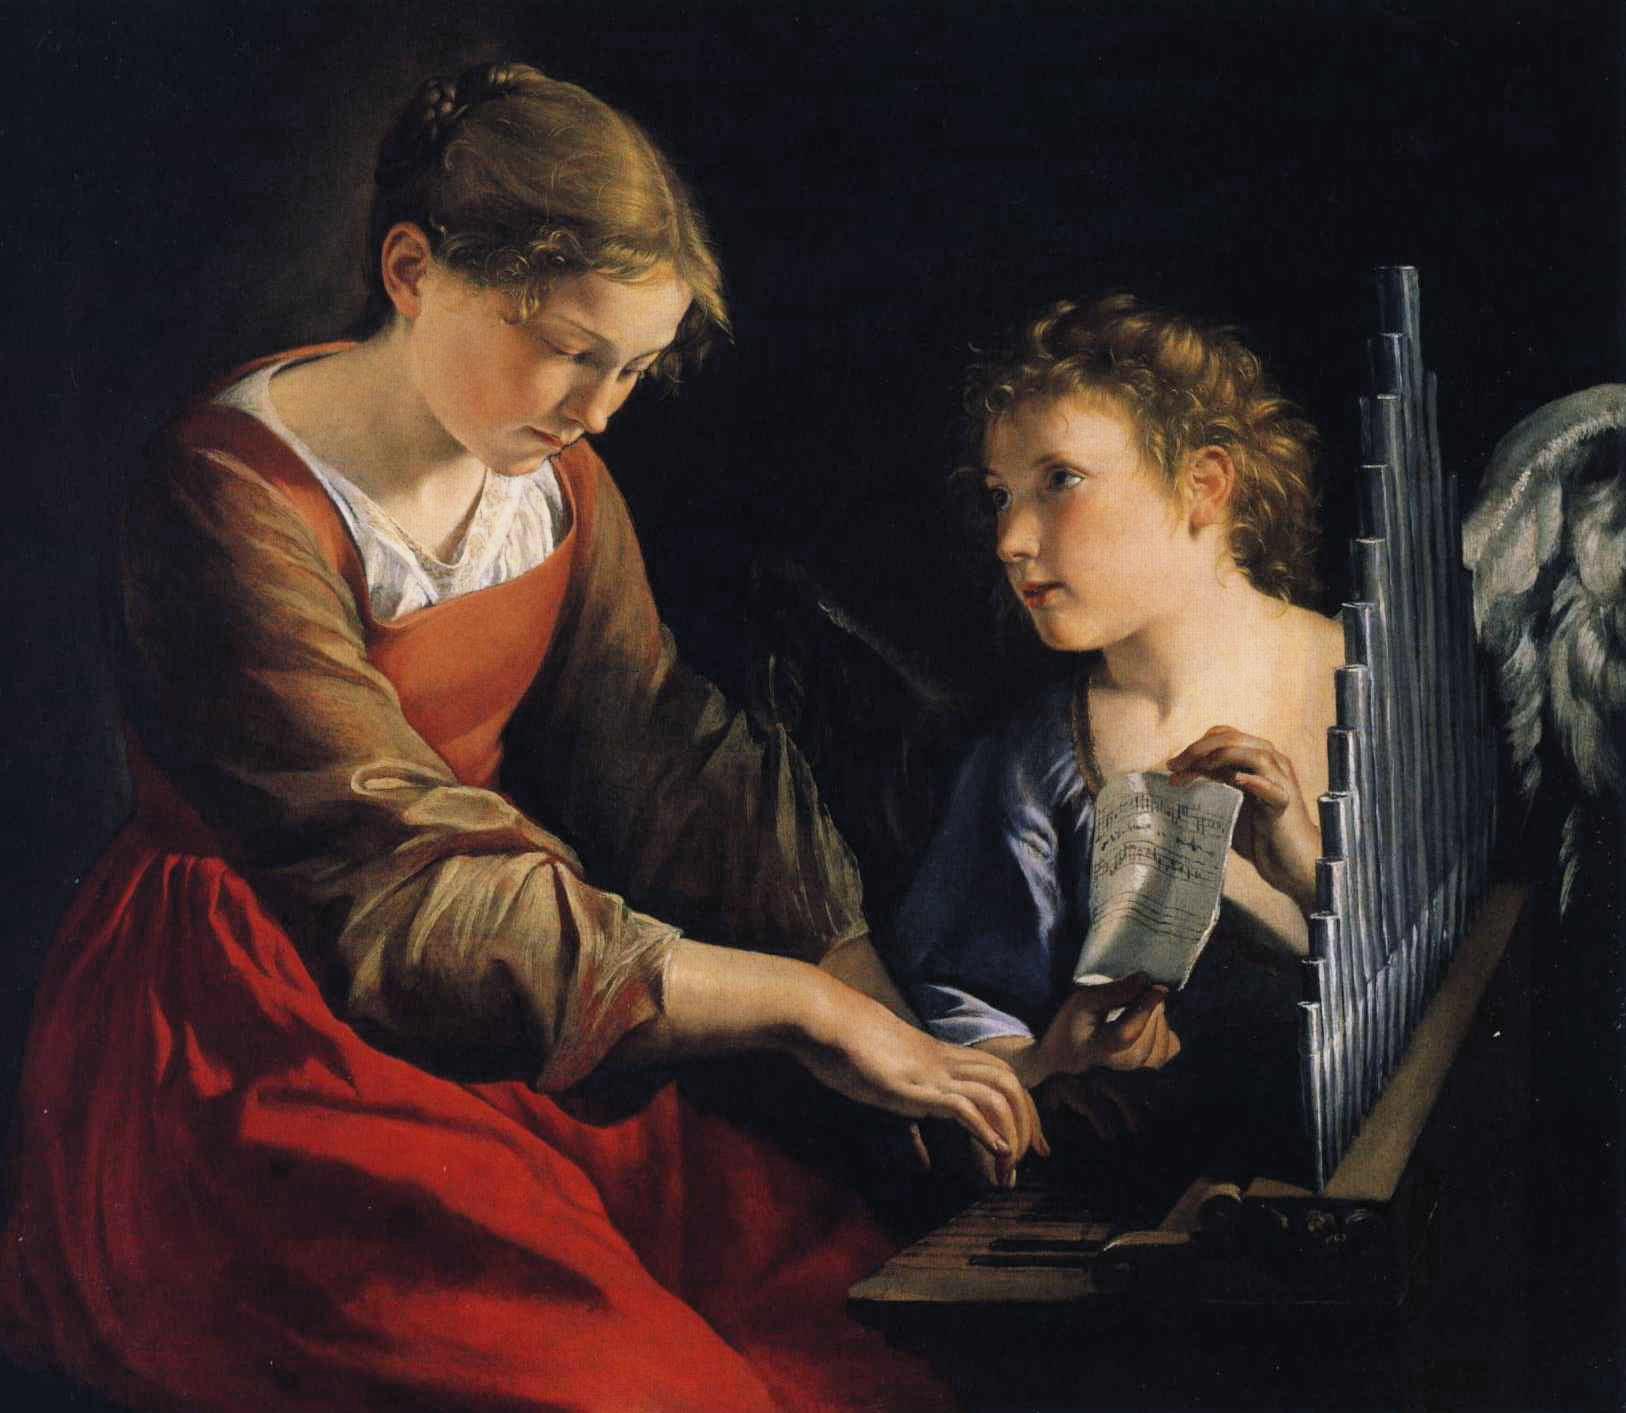 orazio_gentileschi_-_saint_cecilia_with_an_angel